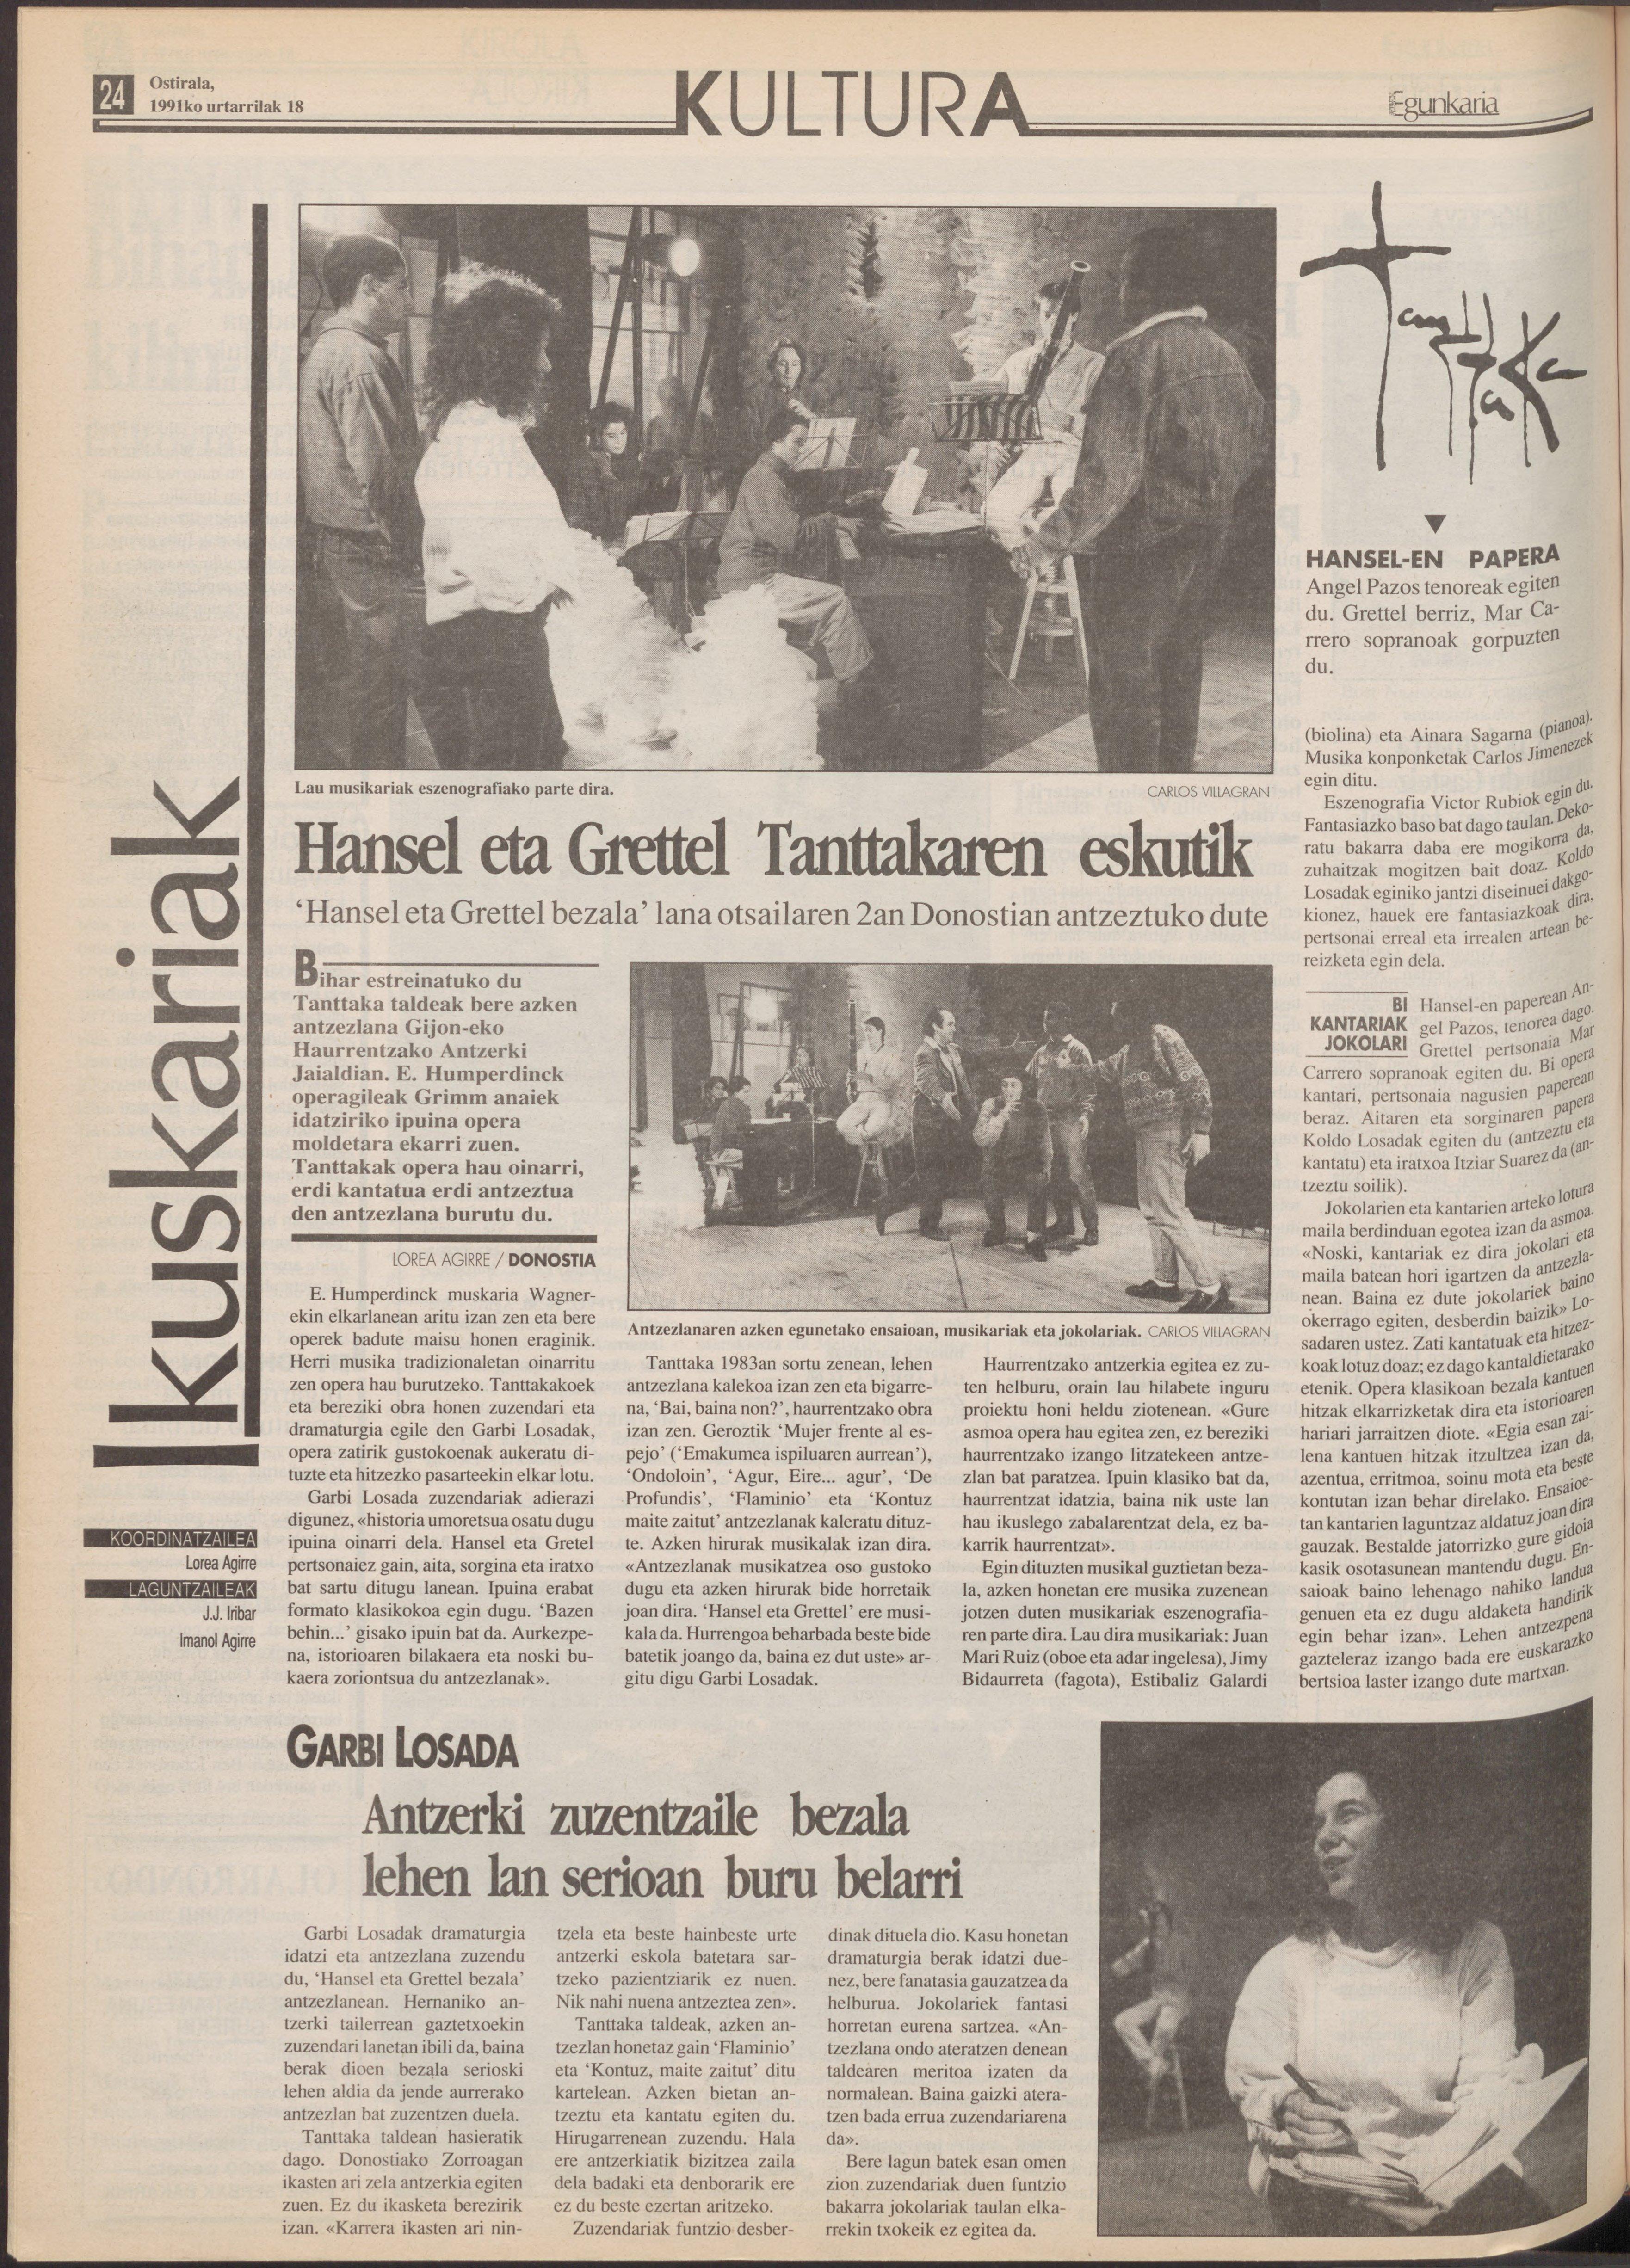 1991ko urtarrilak 18, 24. orrialdea